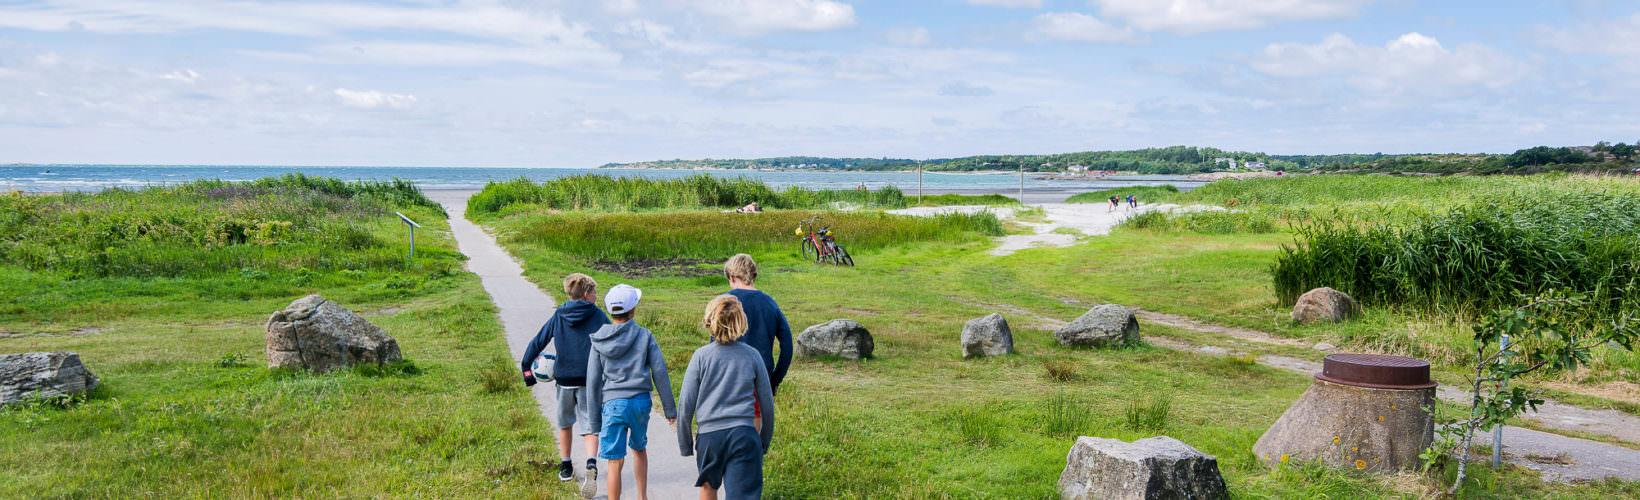 5 anledningar att campa i Varberg i sommar!